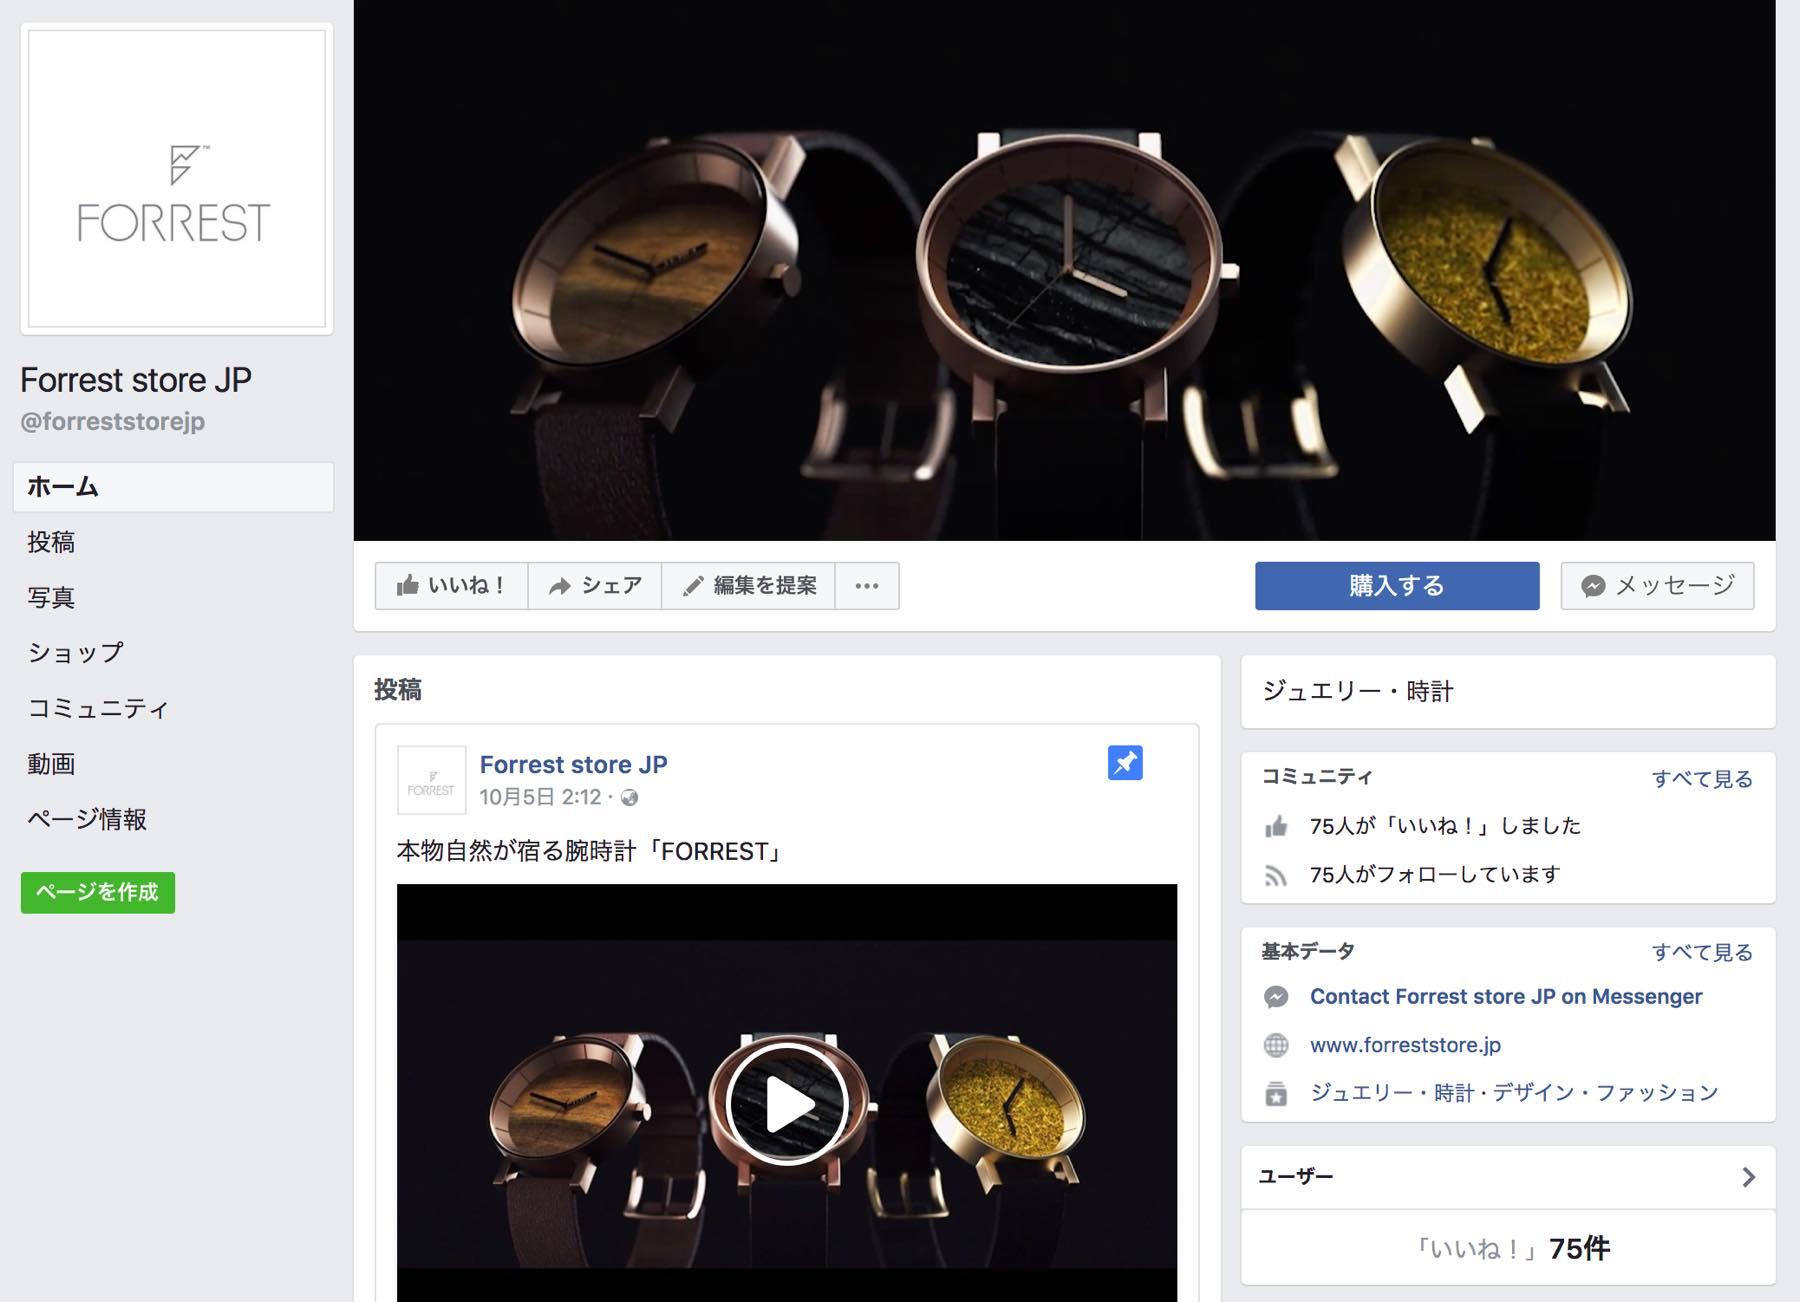 「FORREST STORE JP」のFacebookファンページをオープンしました。